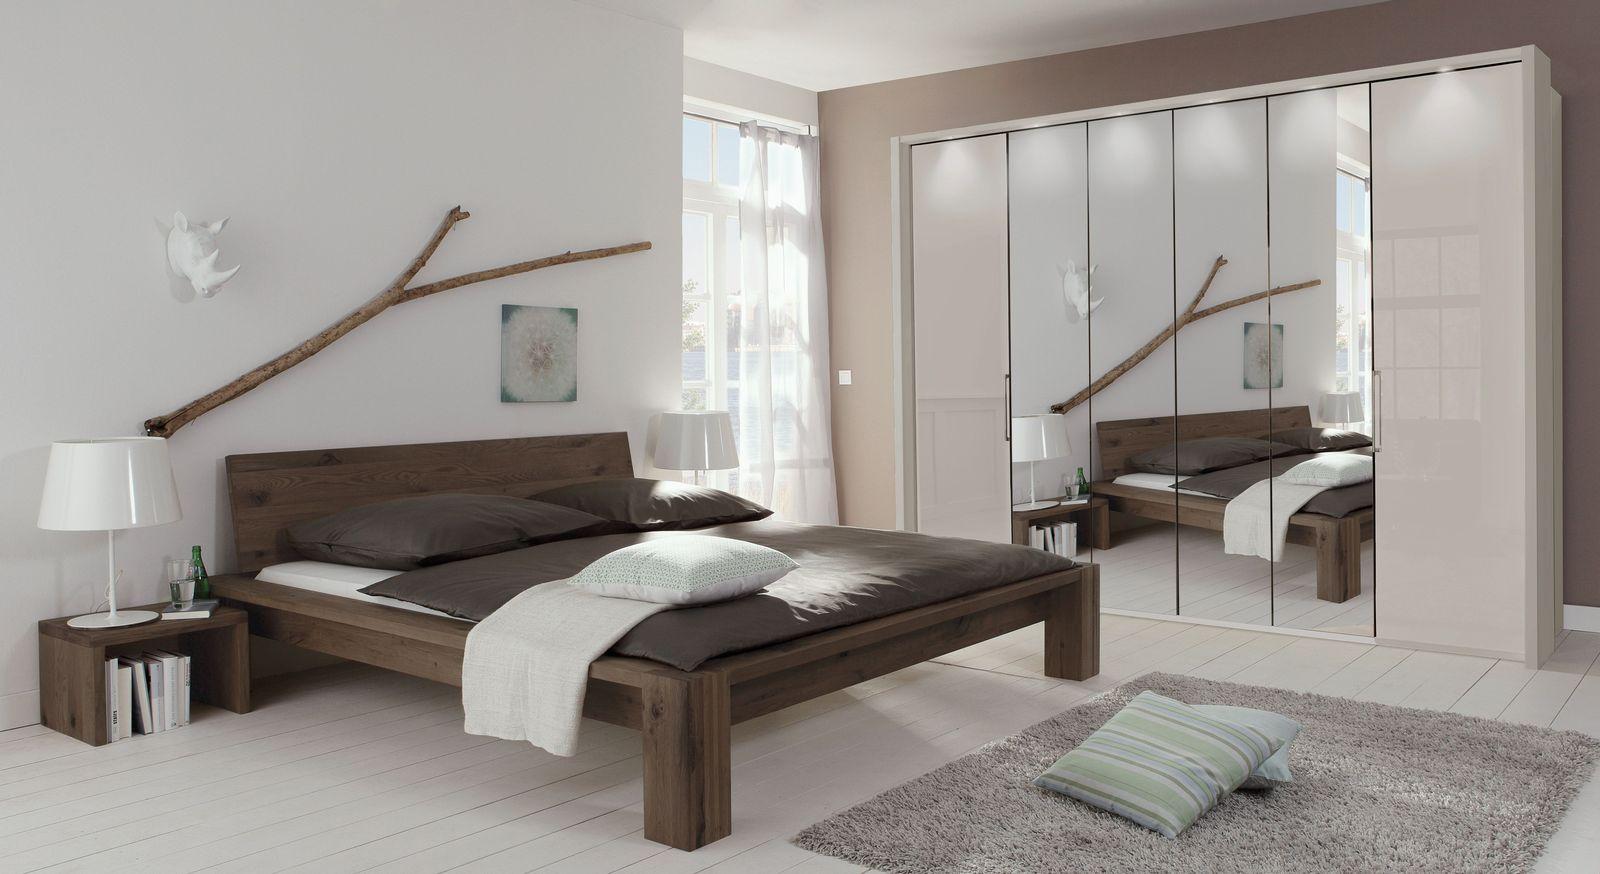 Spiegel-Falttüren-Kleiderschrank Northville mit passenden Möbeln